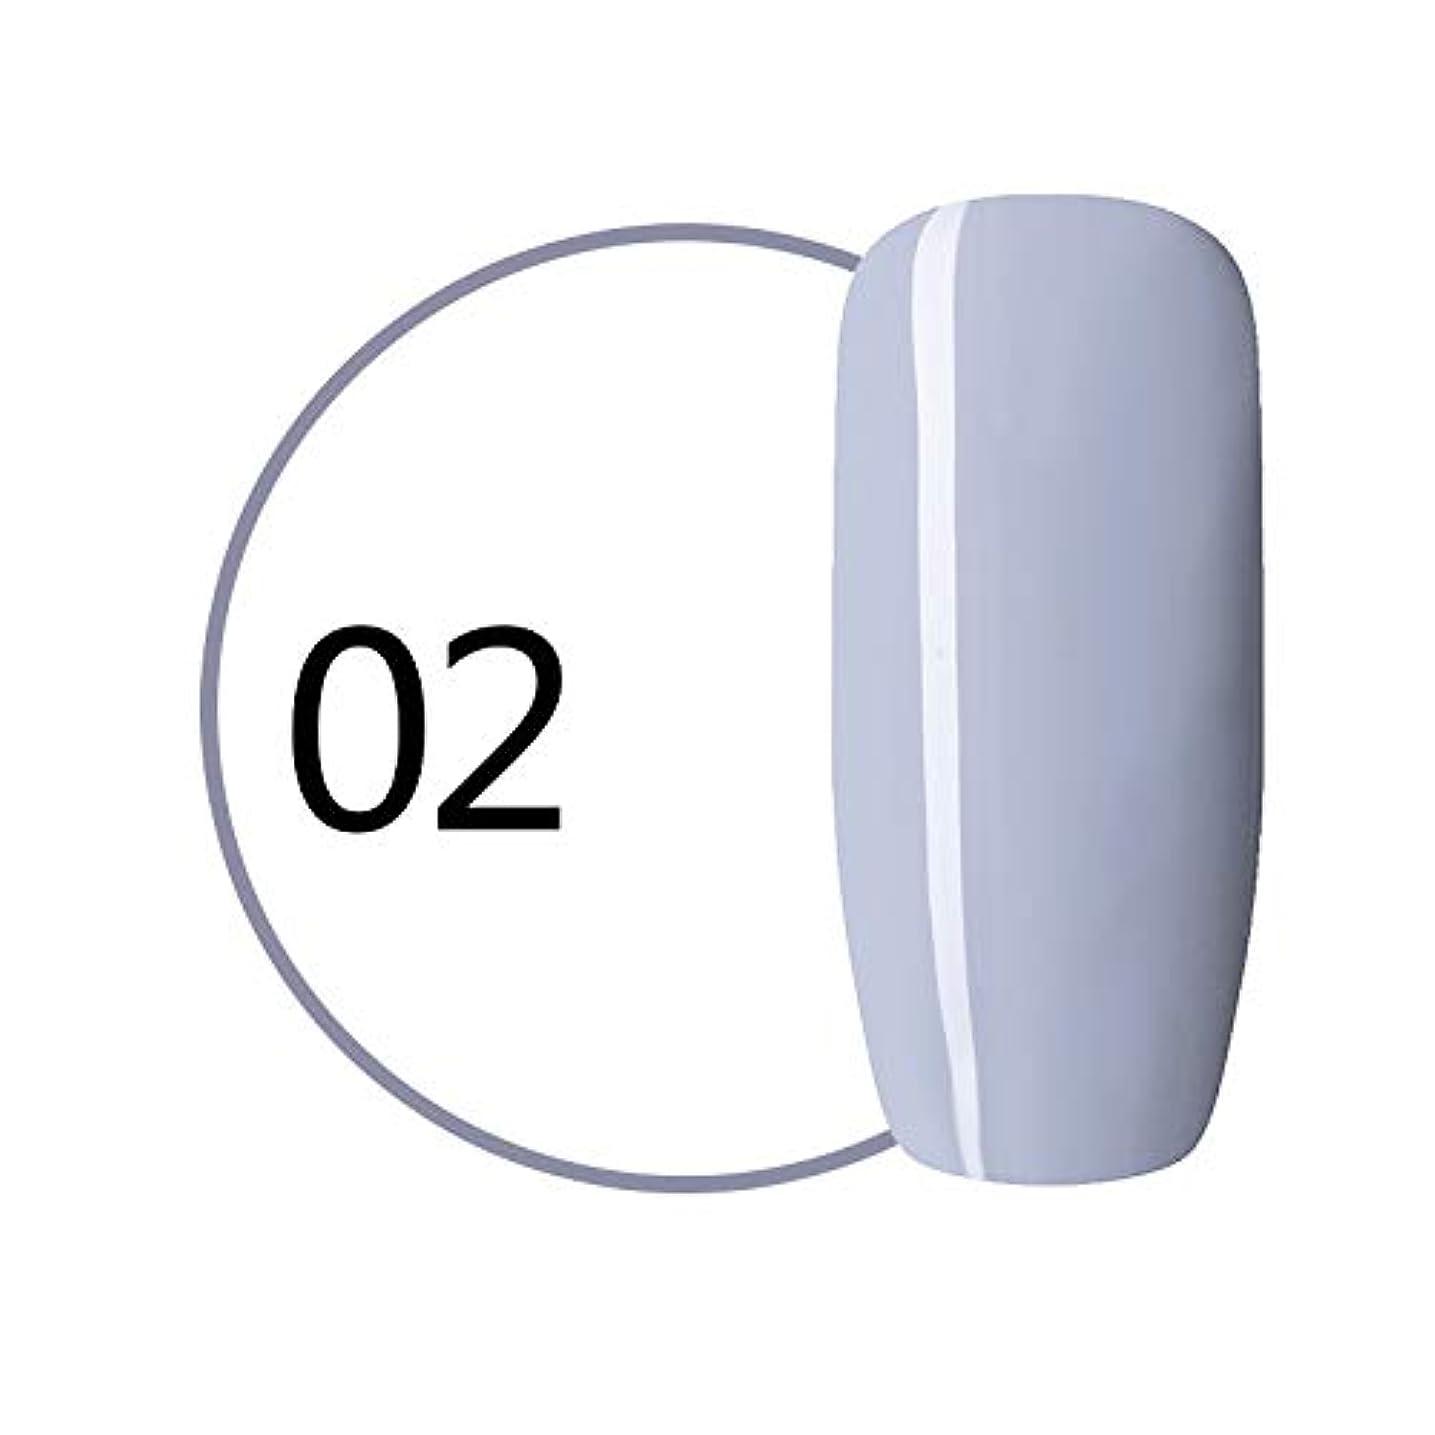 証明書甥拡声器Symboat マニキュア ソークオフ UV LED ネイルジェルポリッシュ ワイングレーシリーズ ネイル用品 女優 人気 初心者にも対応 安全 無毒